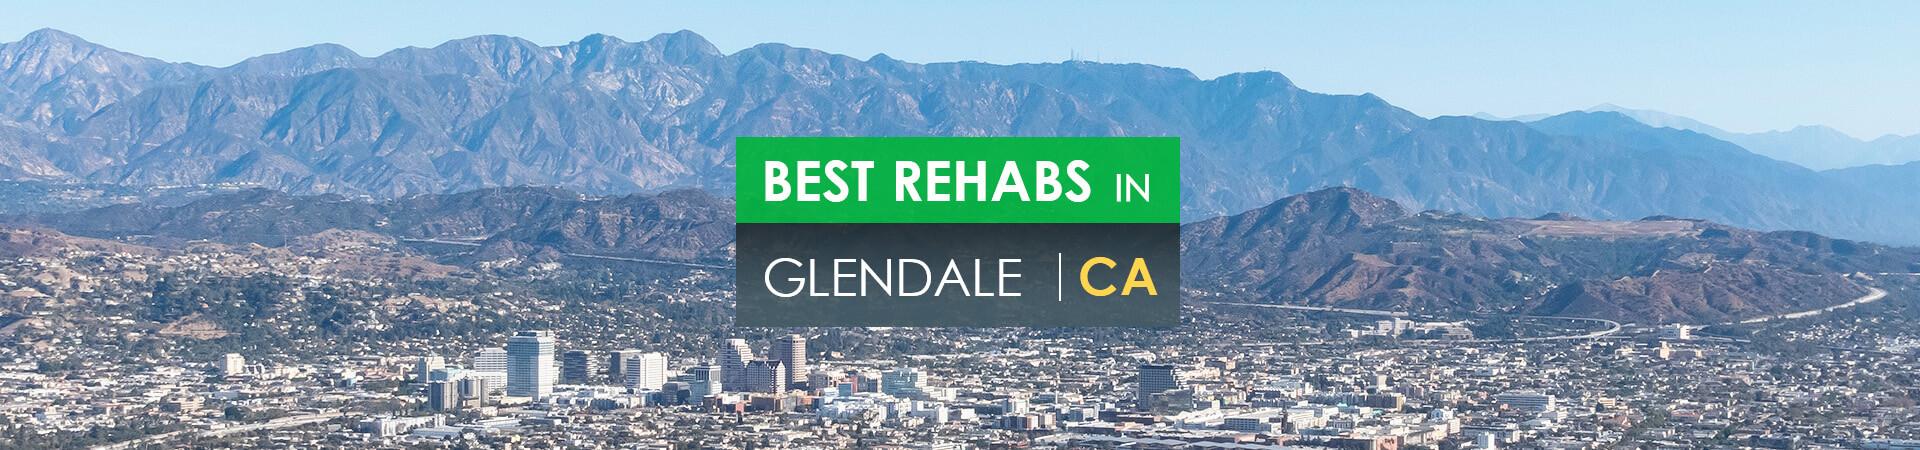 Best rehabs in Glendale, CA